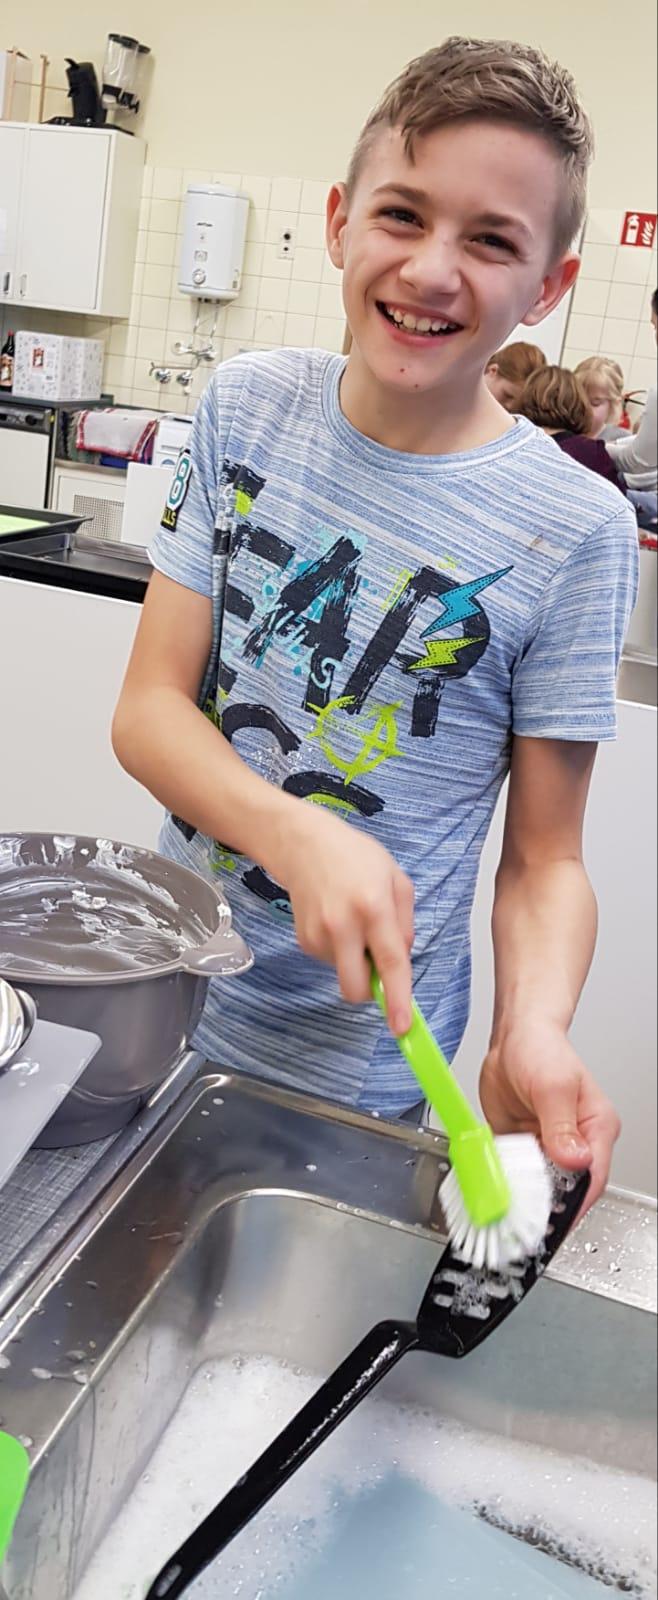 Bei so viel Vorfreude auf die leckeren Snacks machte sogar der Abwasch Spaß